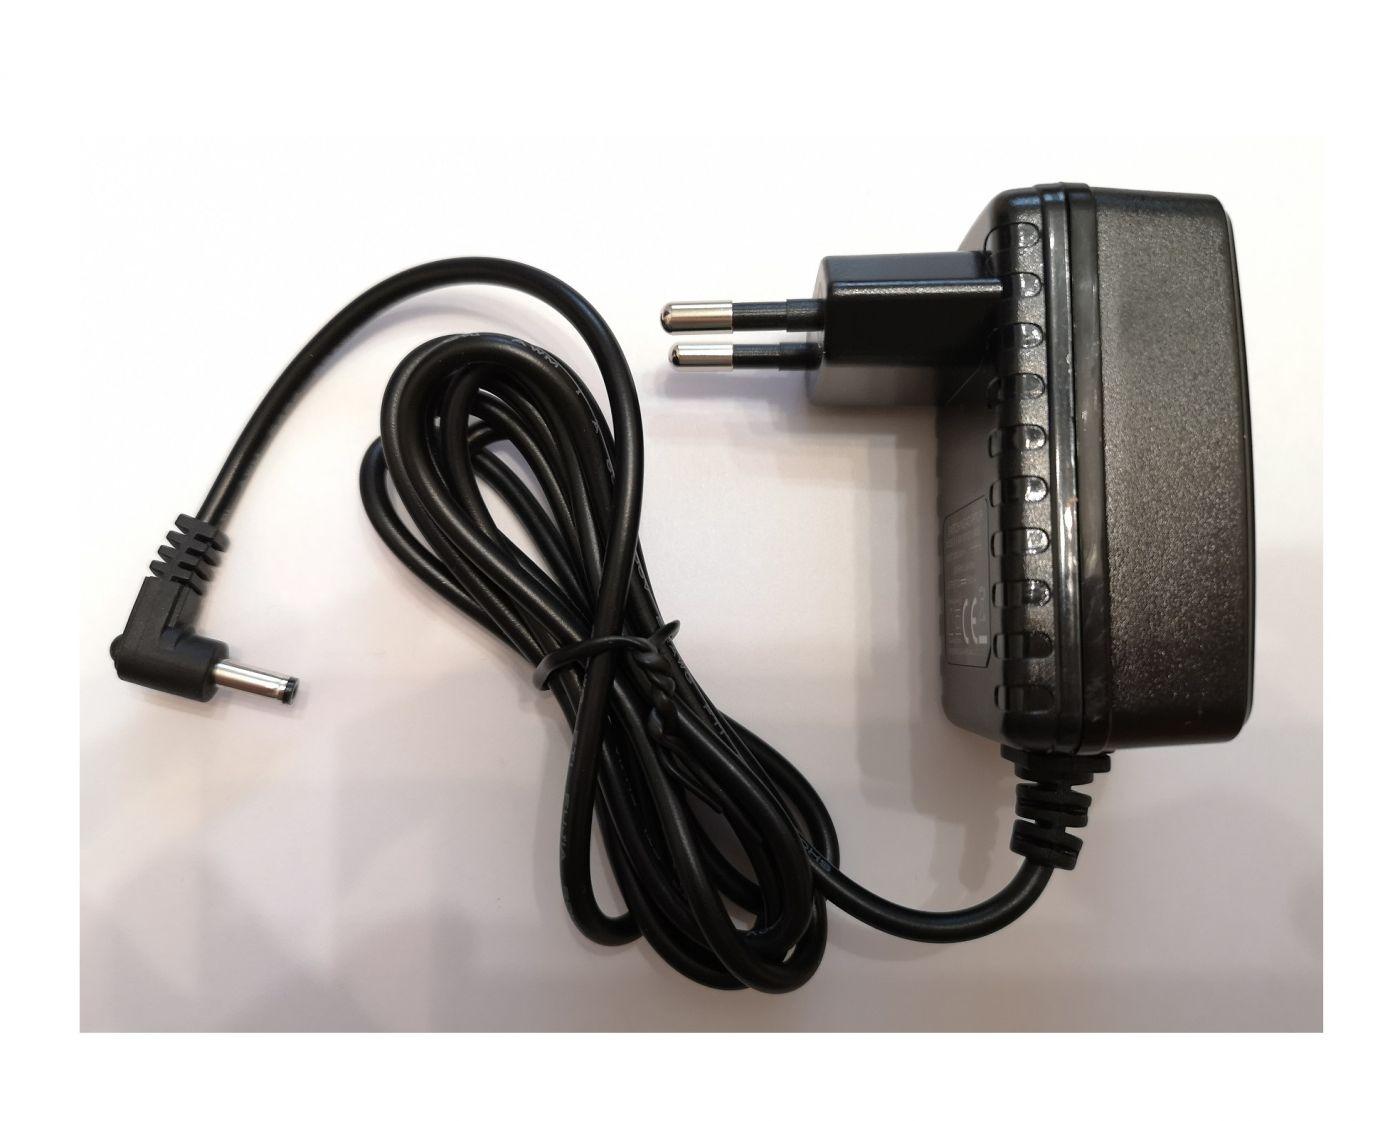 Сетевой адаптер для работы фотоловушки от сети 220 В (для моделей серии: НС-800, HC-801)